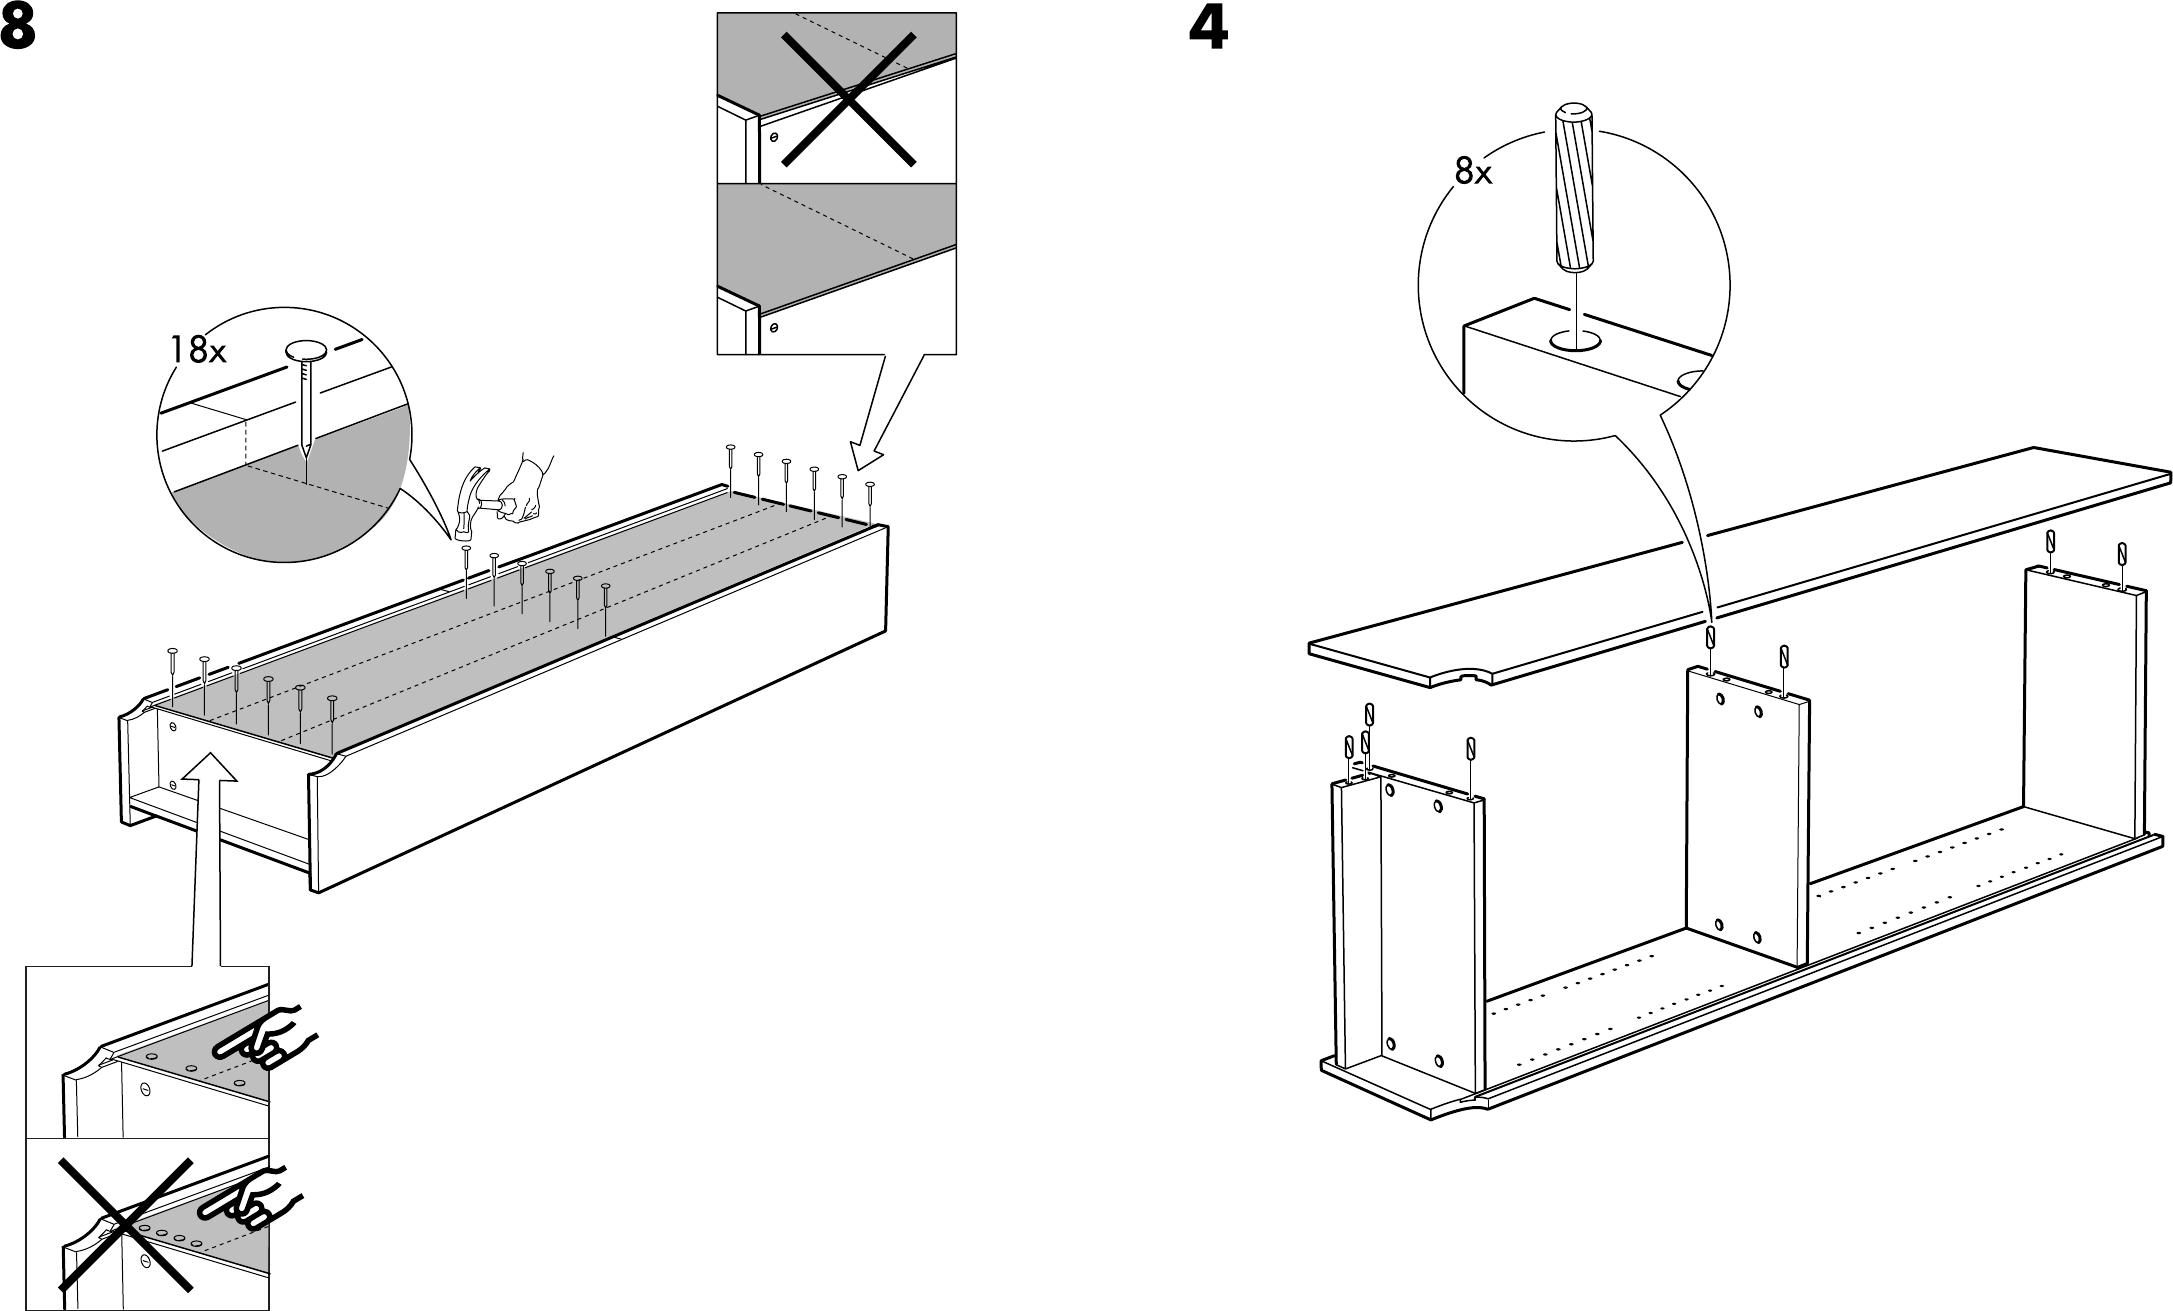 Handleiding Ikea Billy boekenkast 2 (pagina 8 van 8) (Dansk, Deutsch ...